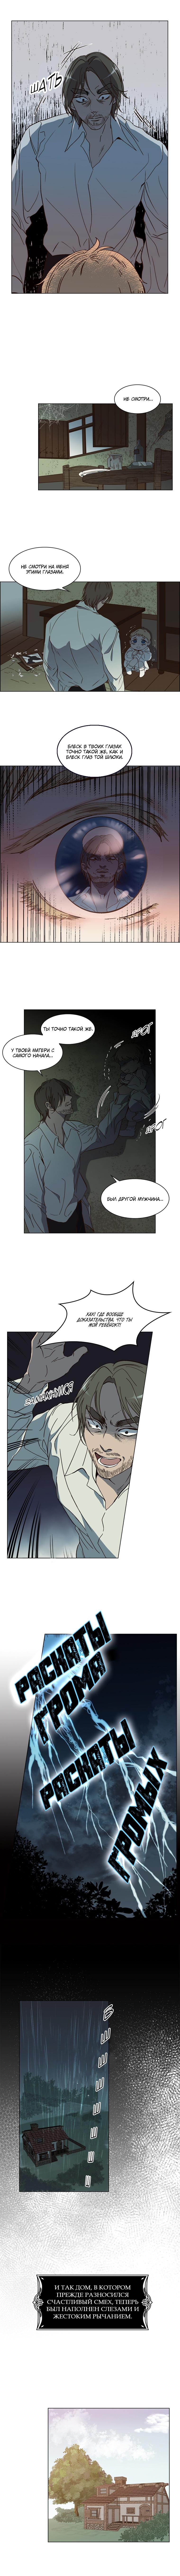 https://r2.ninemanga.com/comics/pic4/13/37901/1341127/1557933861188.png Page 2